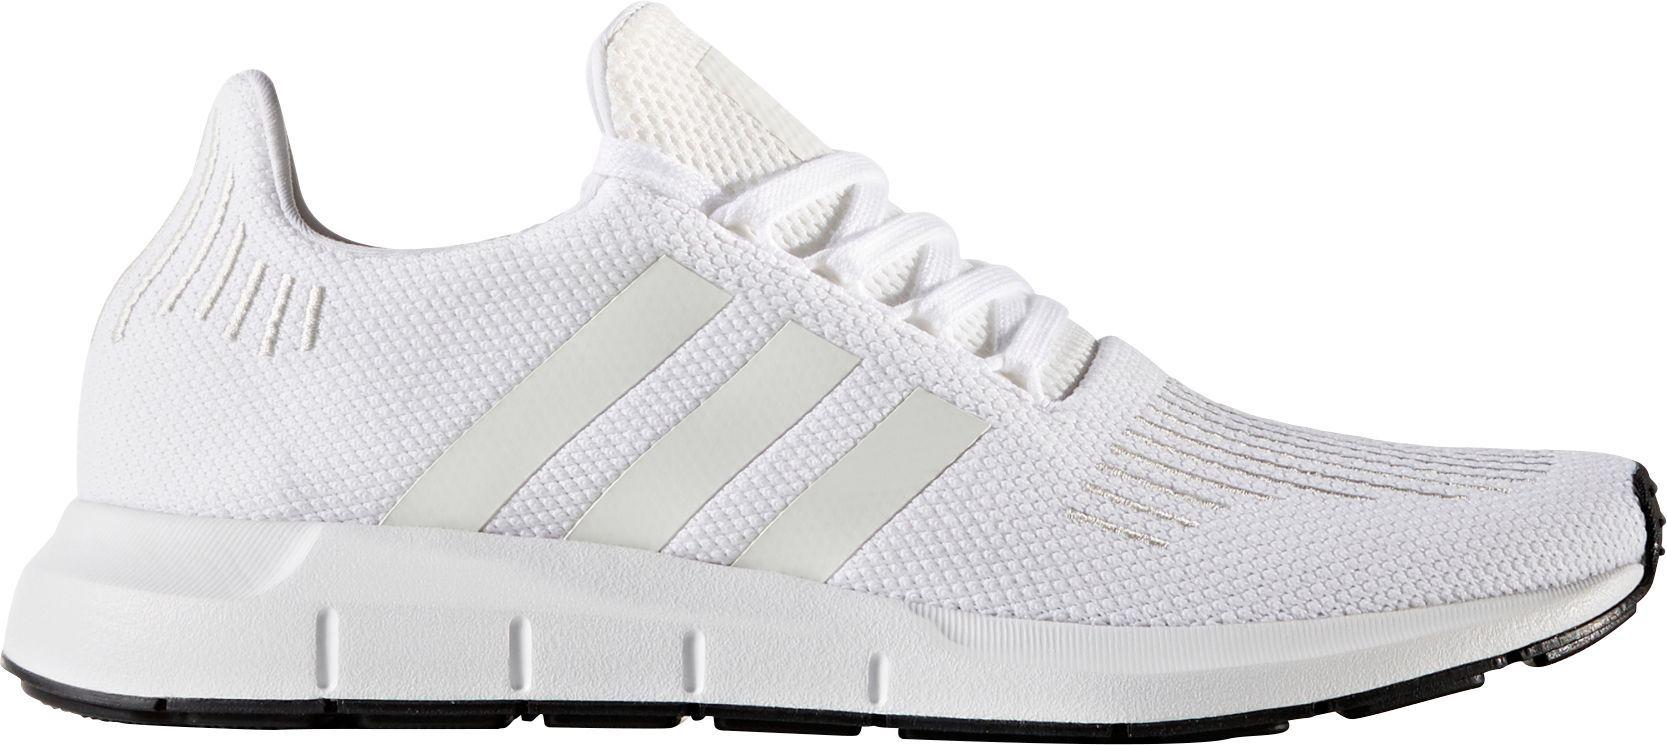 4e353e632357 adidas Originals Men s Swift Run Shoes